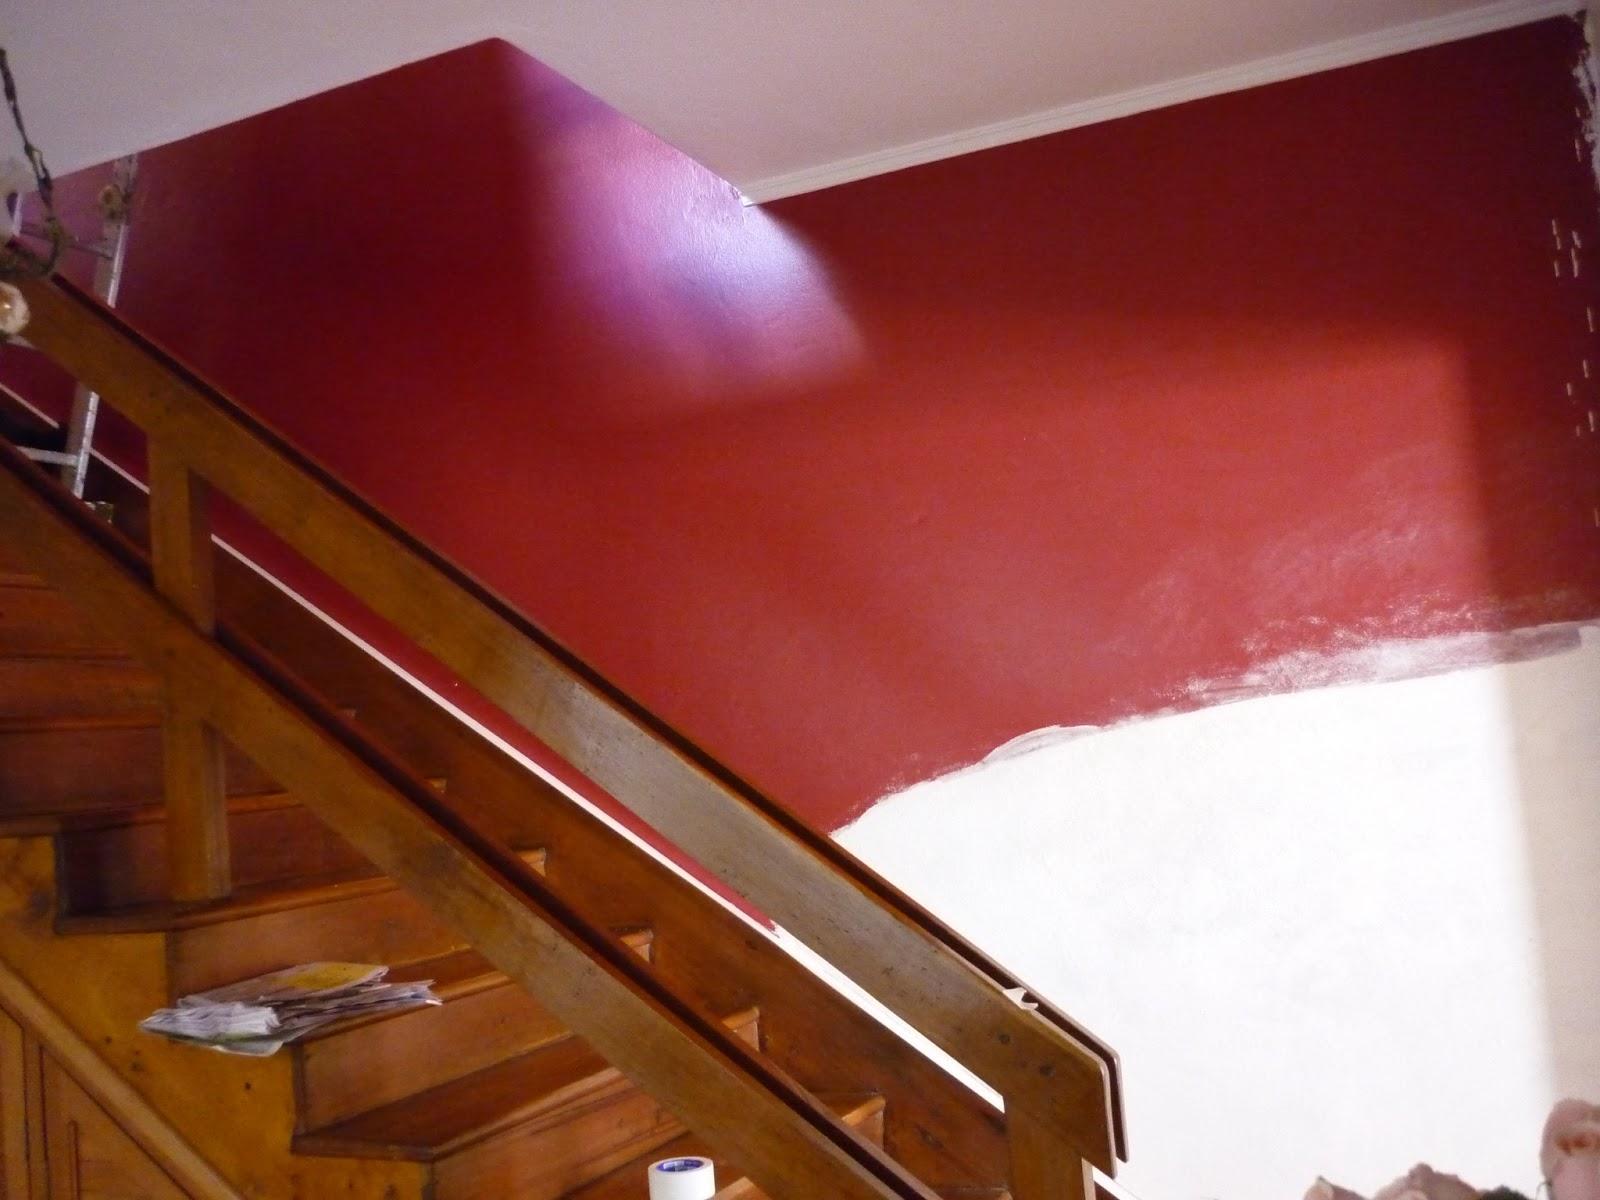 Esc pinturas rio grande textura r stica em 1 parede da escada e 1 parede da cozinha pintadas - Pintura acrilica para paredes ...